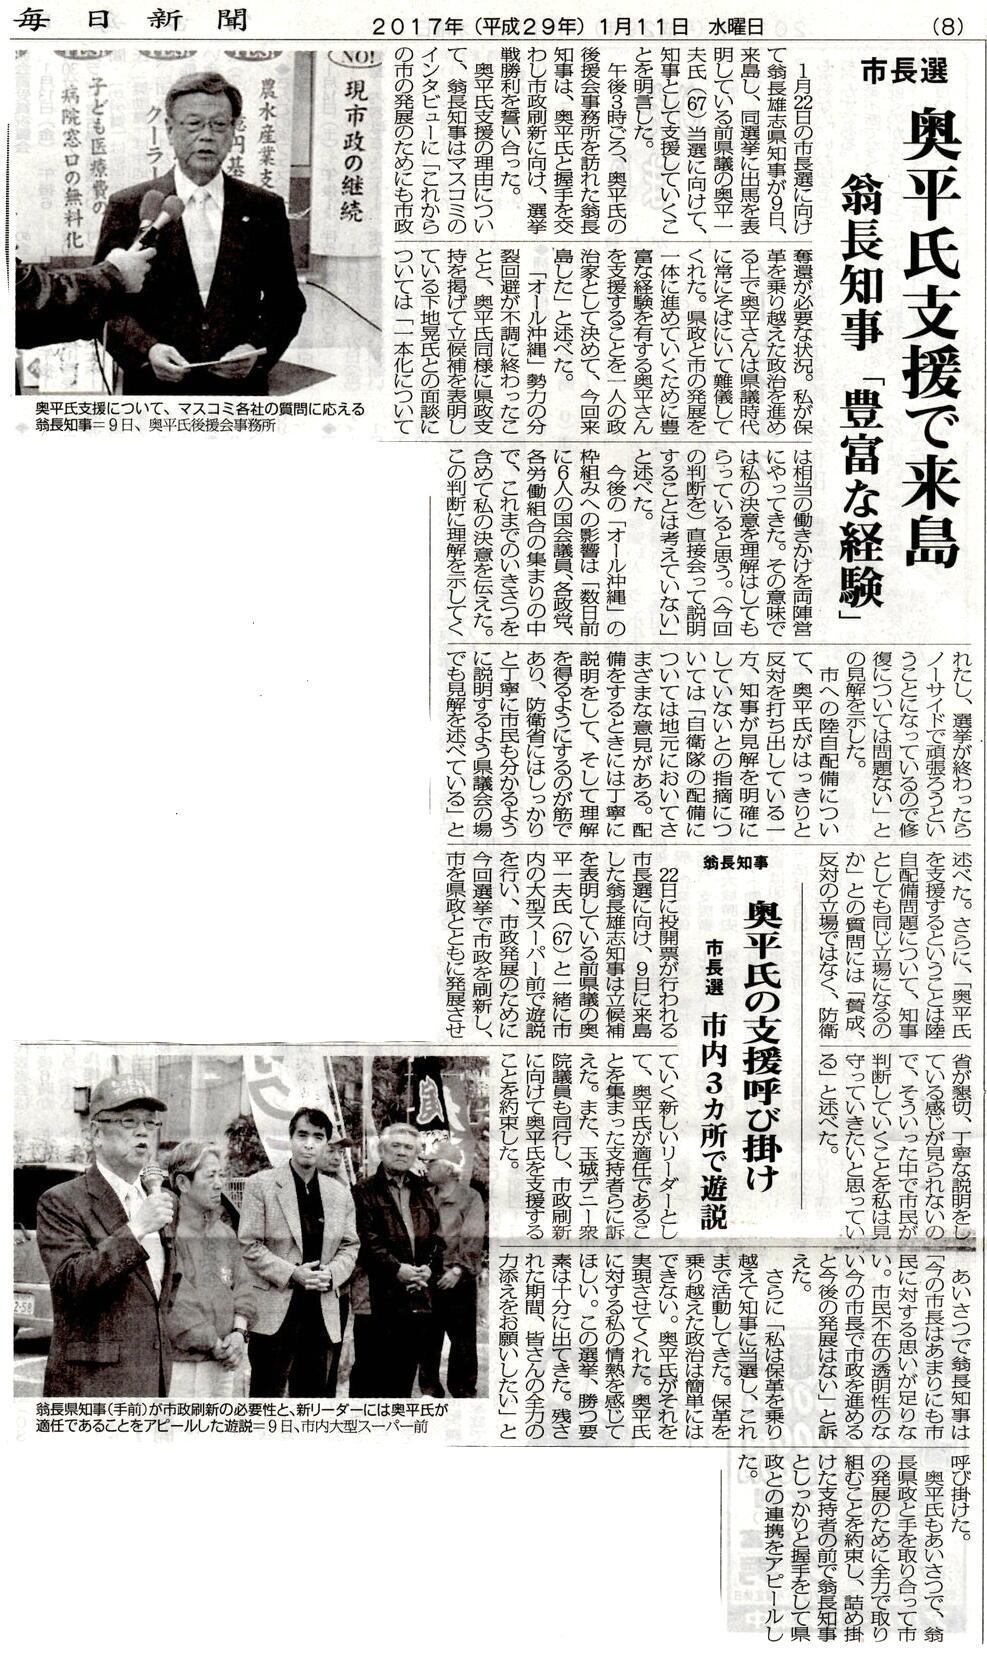 miyakomainichi2017 0111